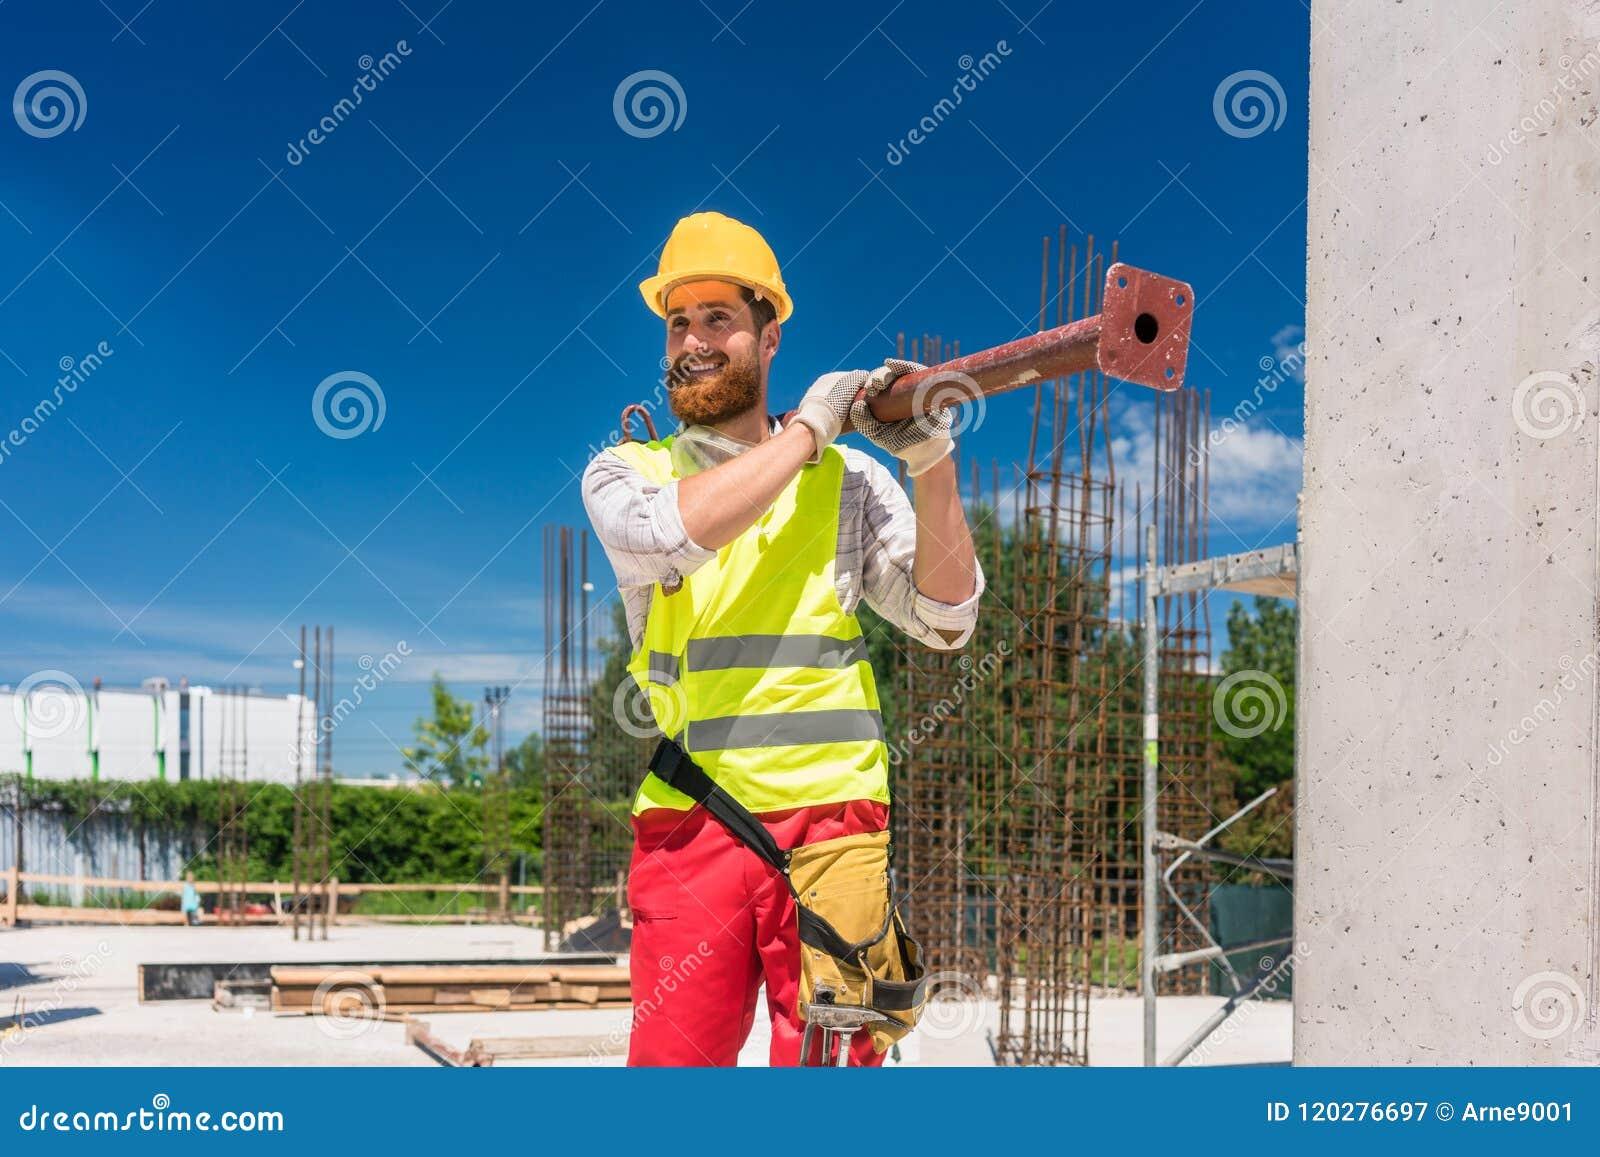 Χειροποίητος εργαζόμενος που φέρνει έναν βαρύ μεταλλικό φραγμό κατά τη διάρκεια της εργασίας